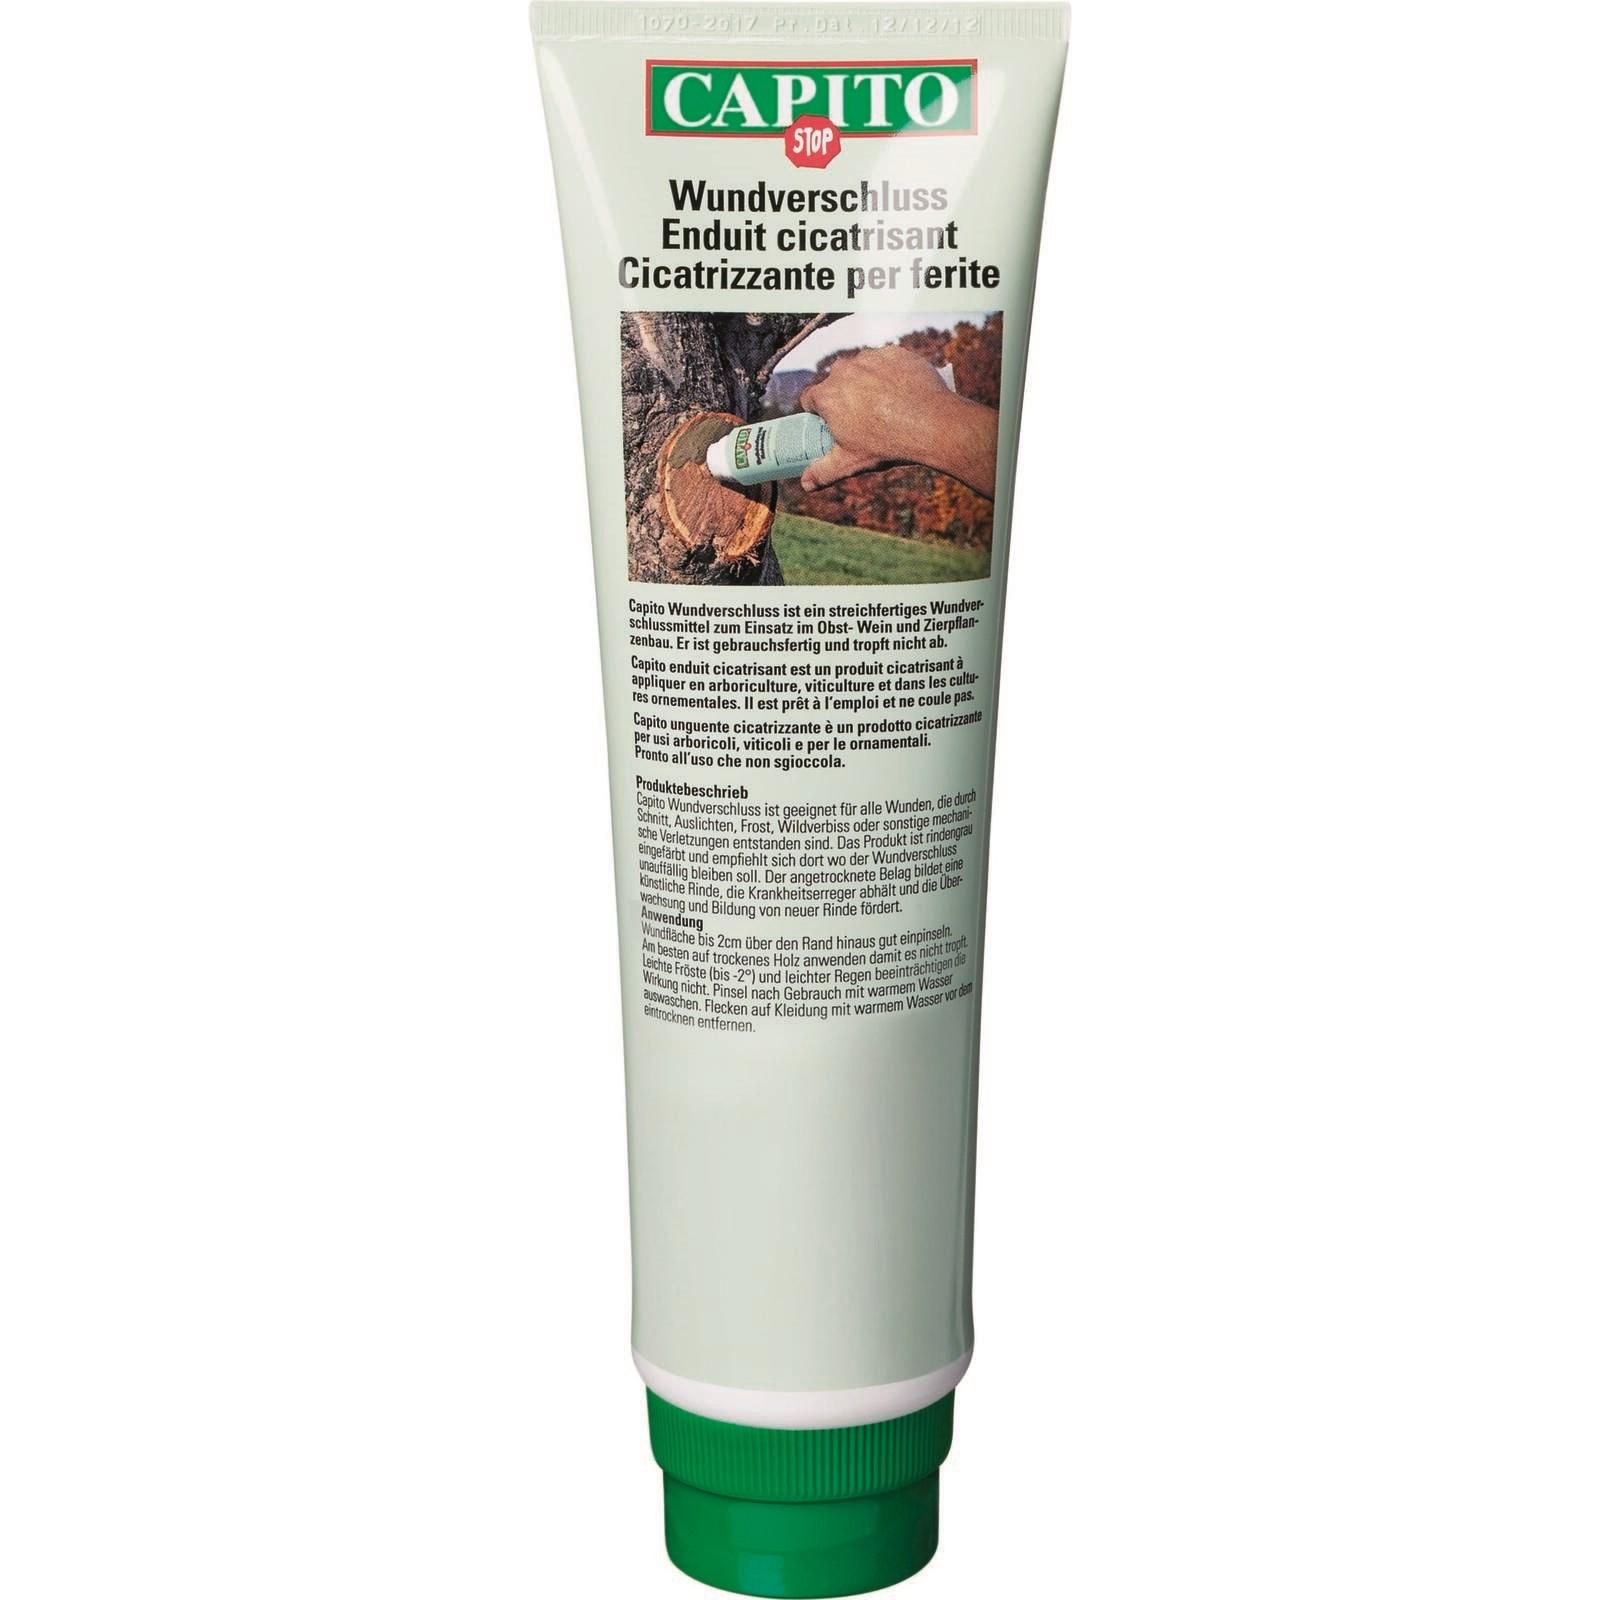 Geliebte Wundverschluss Capito 350 g - Garteninsektizide - LANDI @OH_95